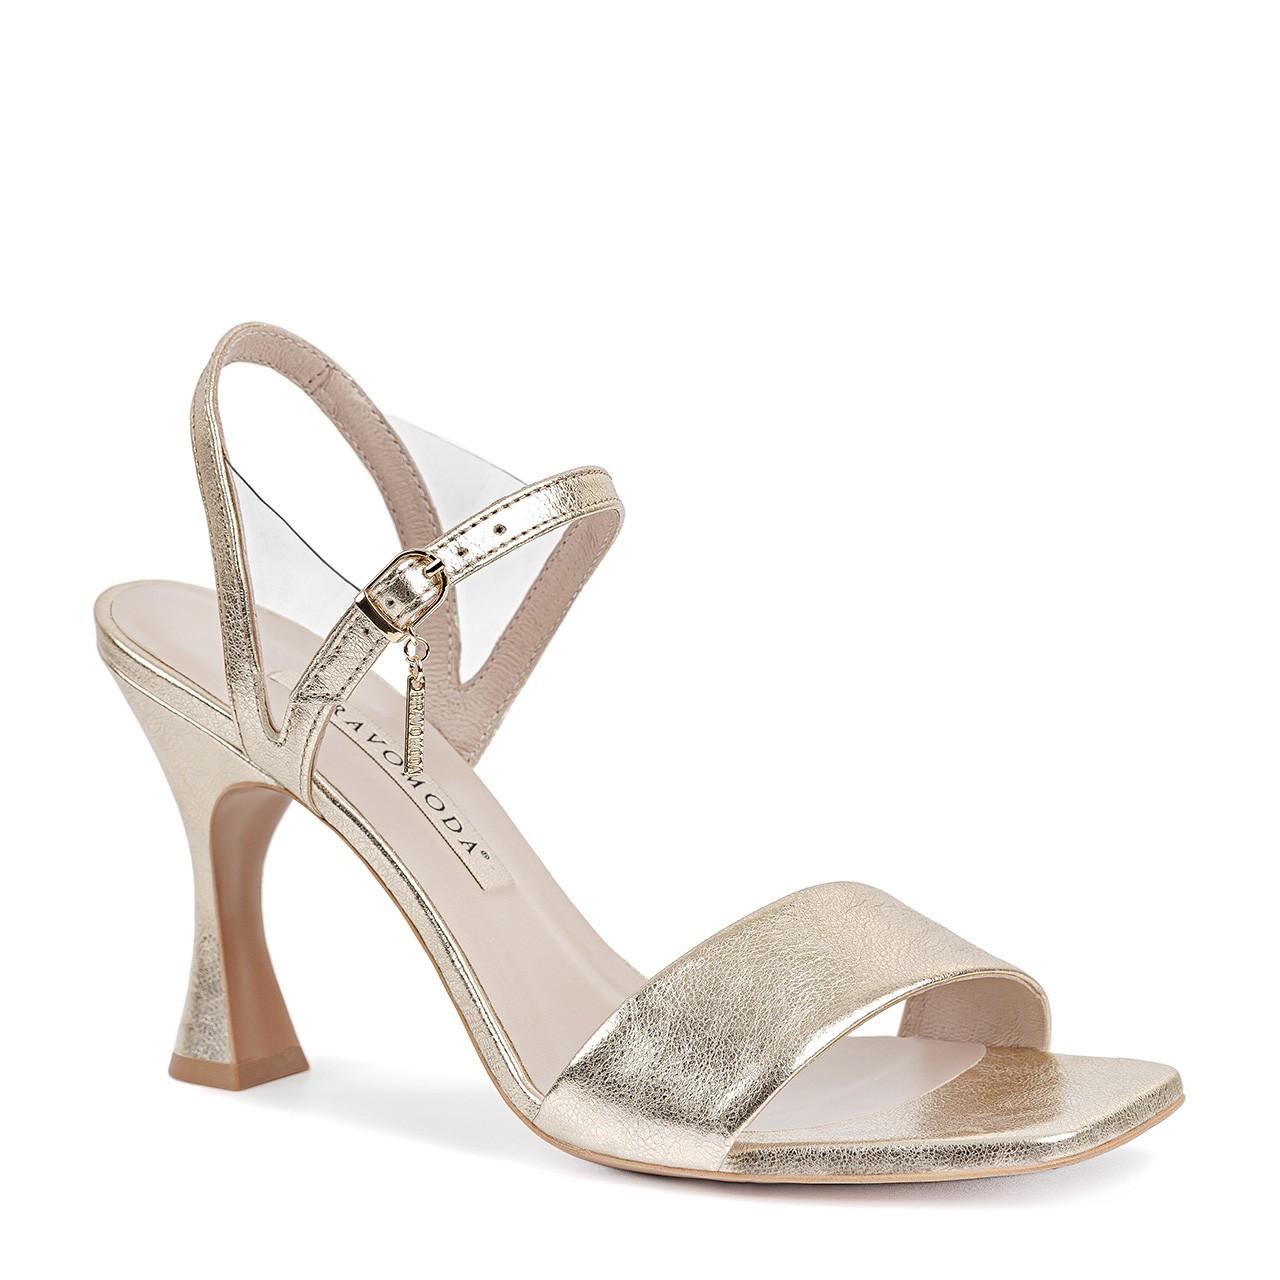 Złote sandały wykonane z naturalnej skóry licowej na ciekawym, wysokim obcasie